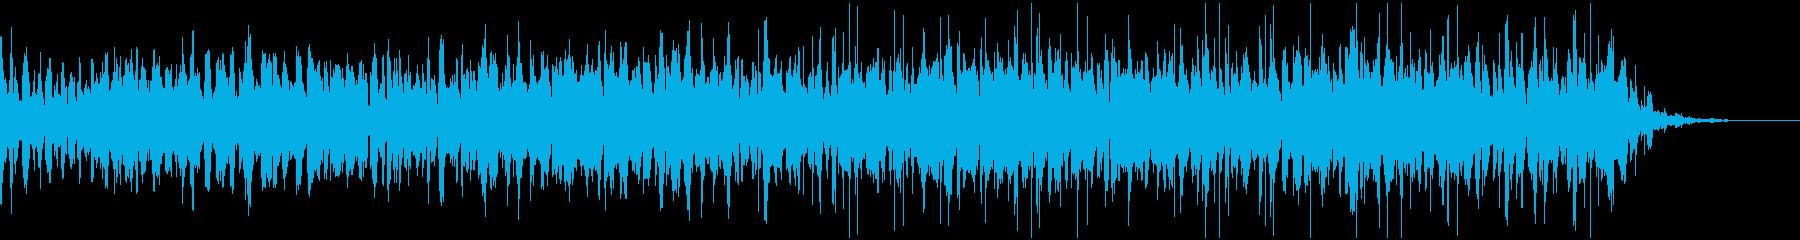 オルガンとピチカートを使用したインスト曲の再生済みの波形